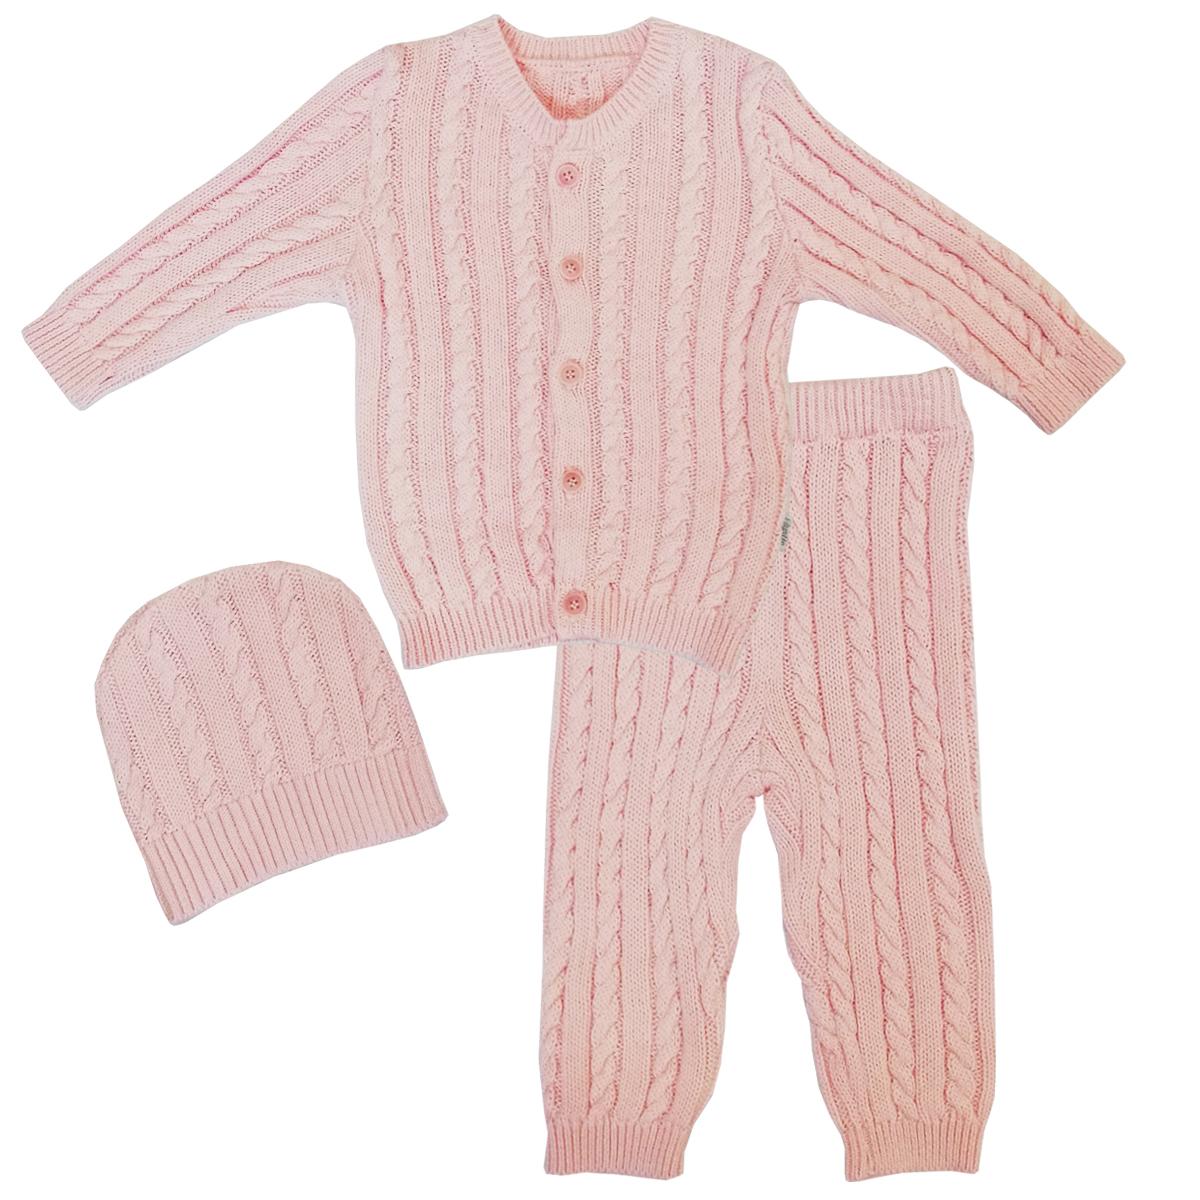 Купить Комплект детский 3 пр. Папитто вязаный Розовый 73-9006 р.22-74, Комплекты для новорожденных